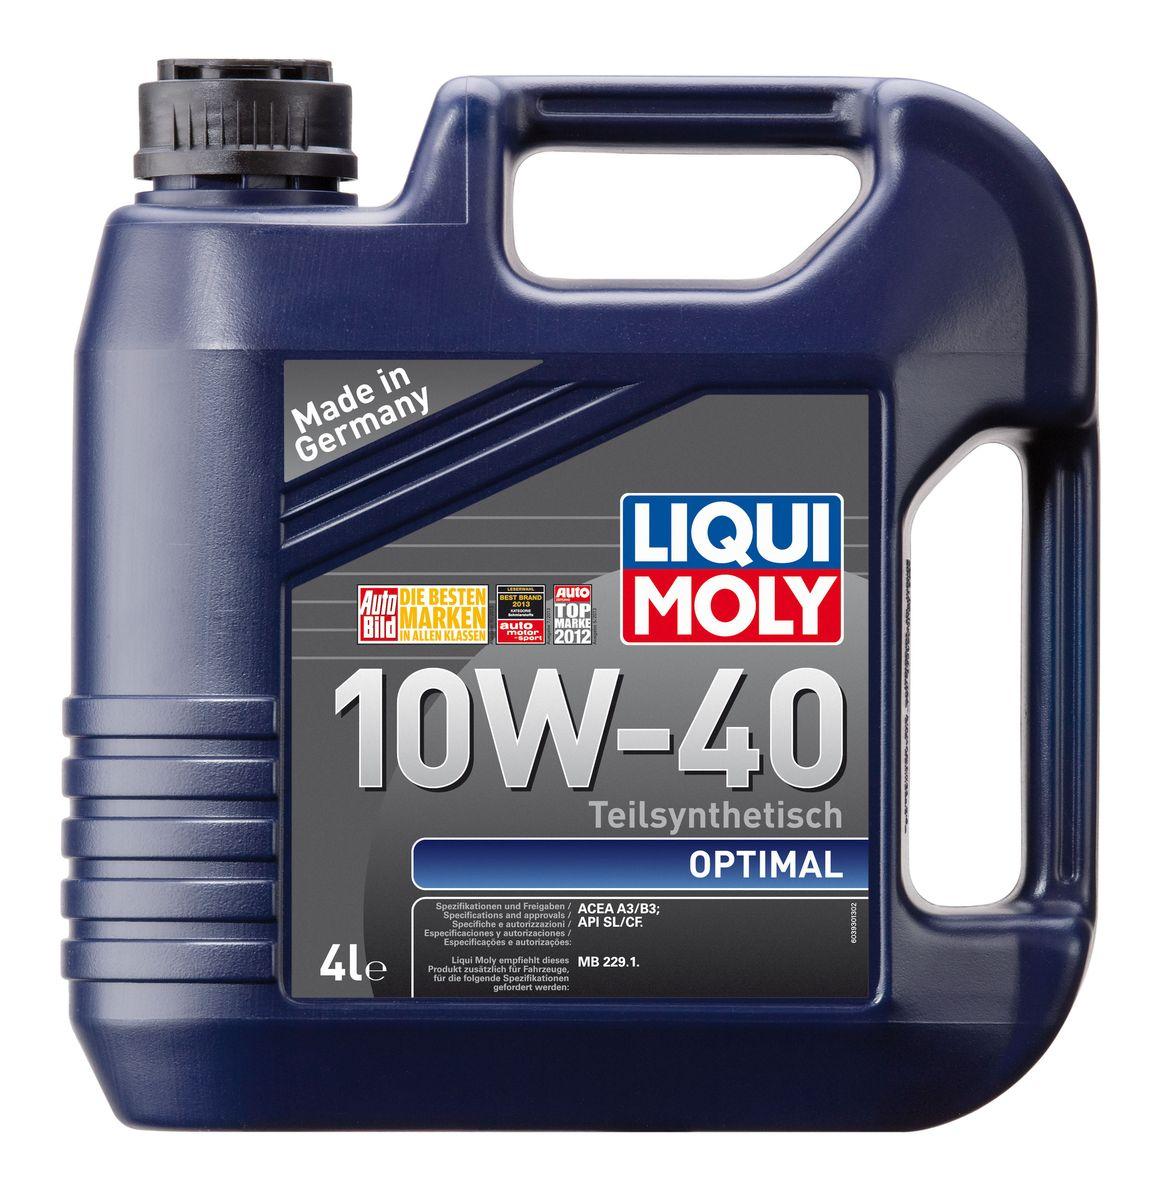 Масло моторное Liqui Moly Optimal, полусинтетическое, 10W-40, 4 л105779Масло моторное Liqui Moly Optimal - это полусинтетическое моторное масло с адаптированным для российских условий пакетом присадок, которые в сочетании с вязкостью 10W-40 обеспечивают высокий уровень защиты. Масло оптимально подходит для таких российских марок, как ВАЗ и ГАЗ. Optimal 10W-40 удовлетворяет современным международным стандартам API/ACEA. В моторном масле используются синтетические и минеральные базовые компоненты, отличающиеся высокими защитными свойствами. Масло содержит современный пакет присадок, который обеспечивает высокий уровень защиты от износа и гарантирует стабильное поступление масла ко всем деталям двигателя.